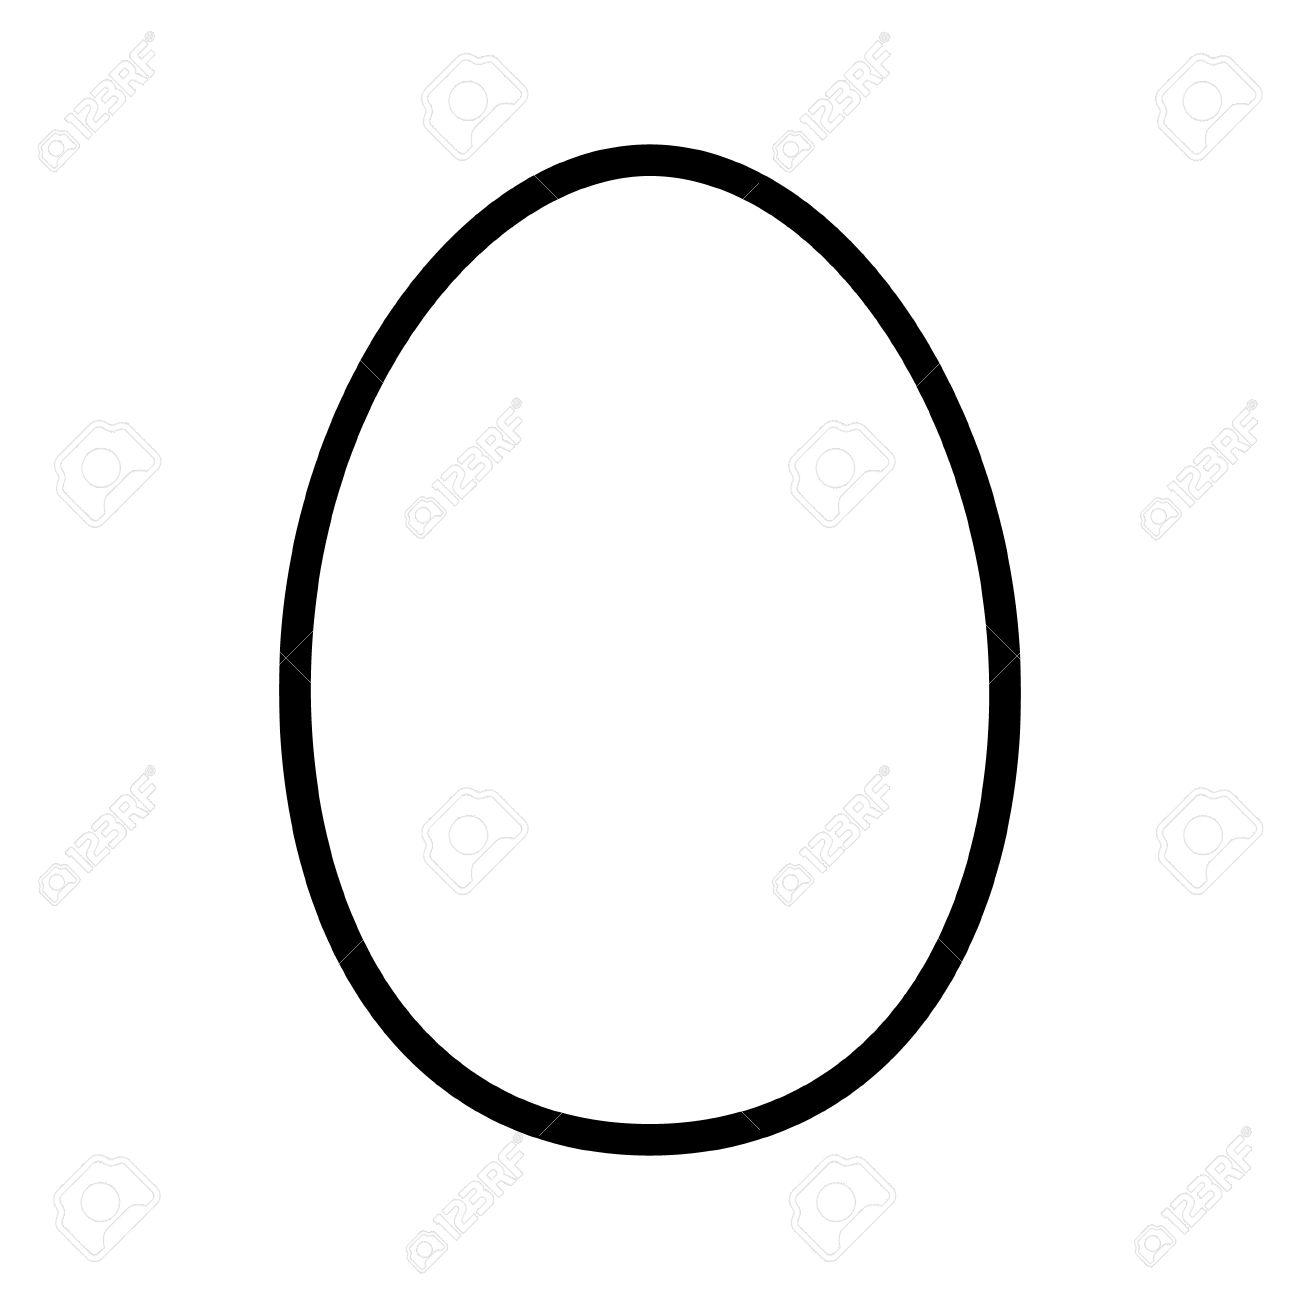 Egg Black And White Clipart